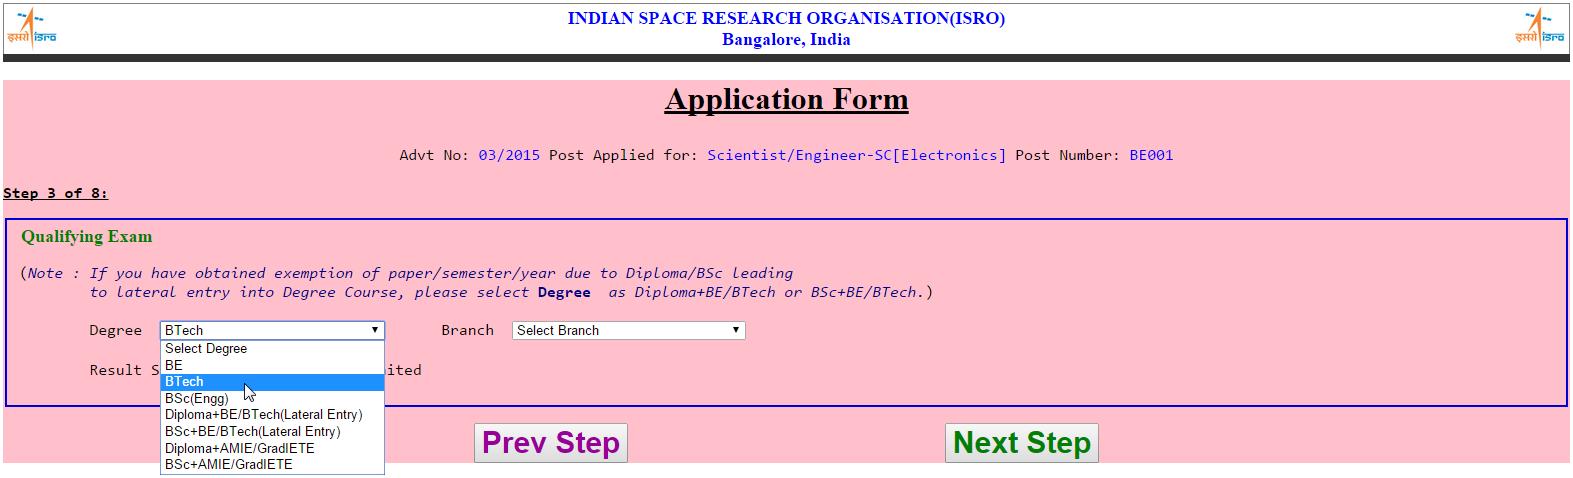 isro-ec-eligibility